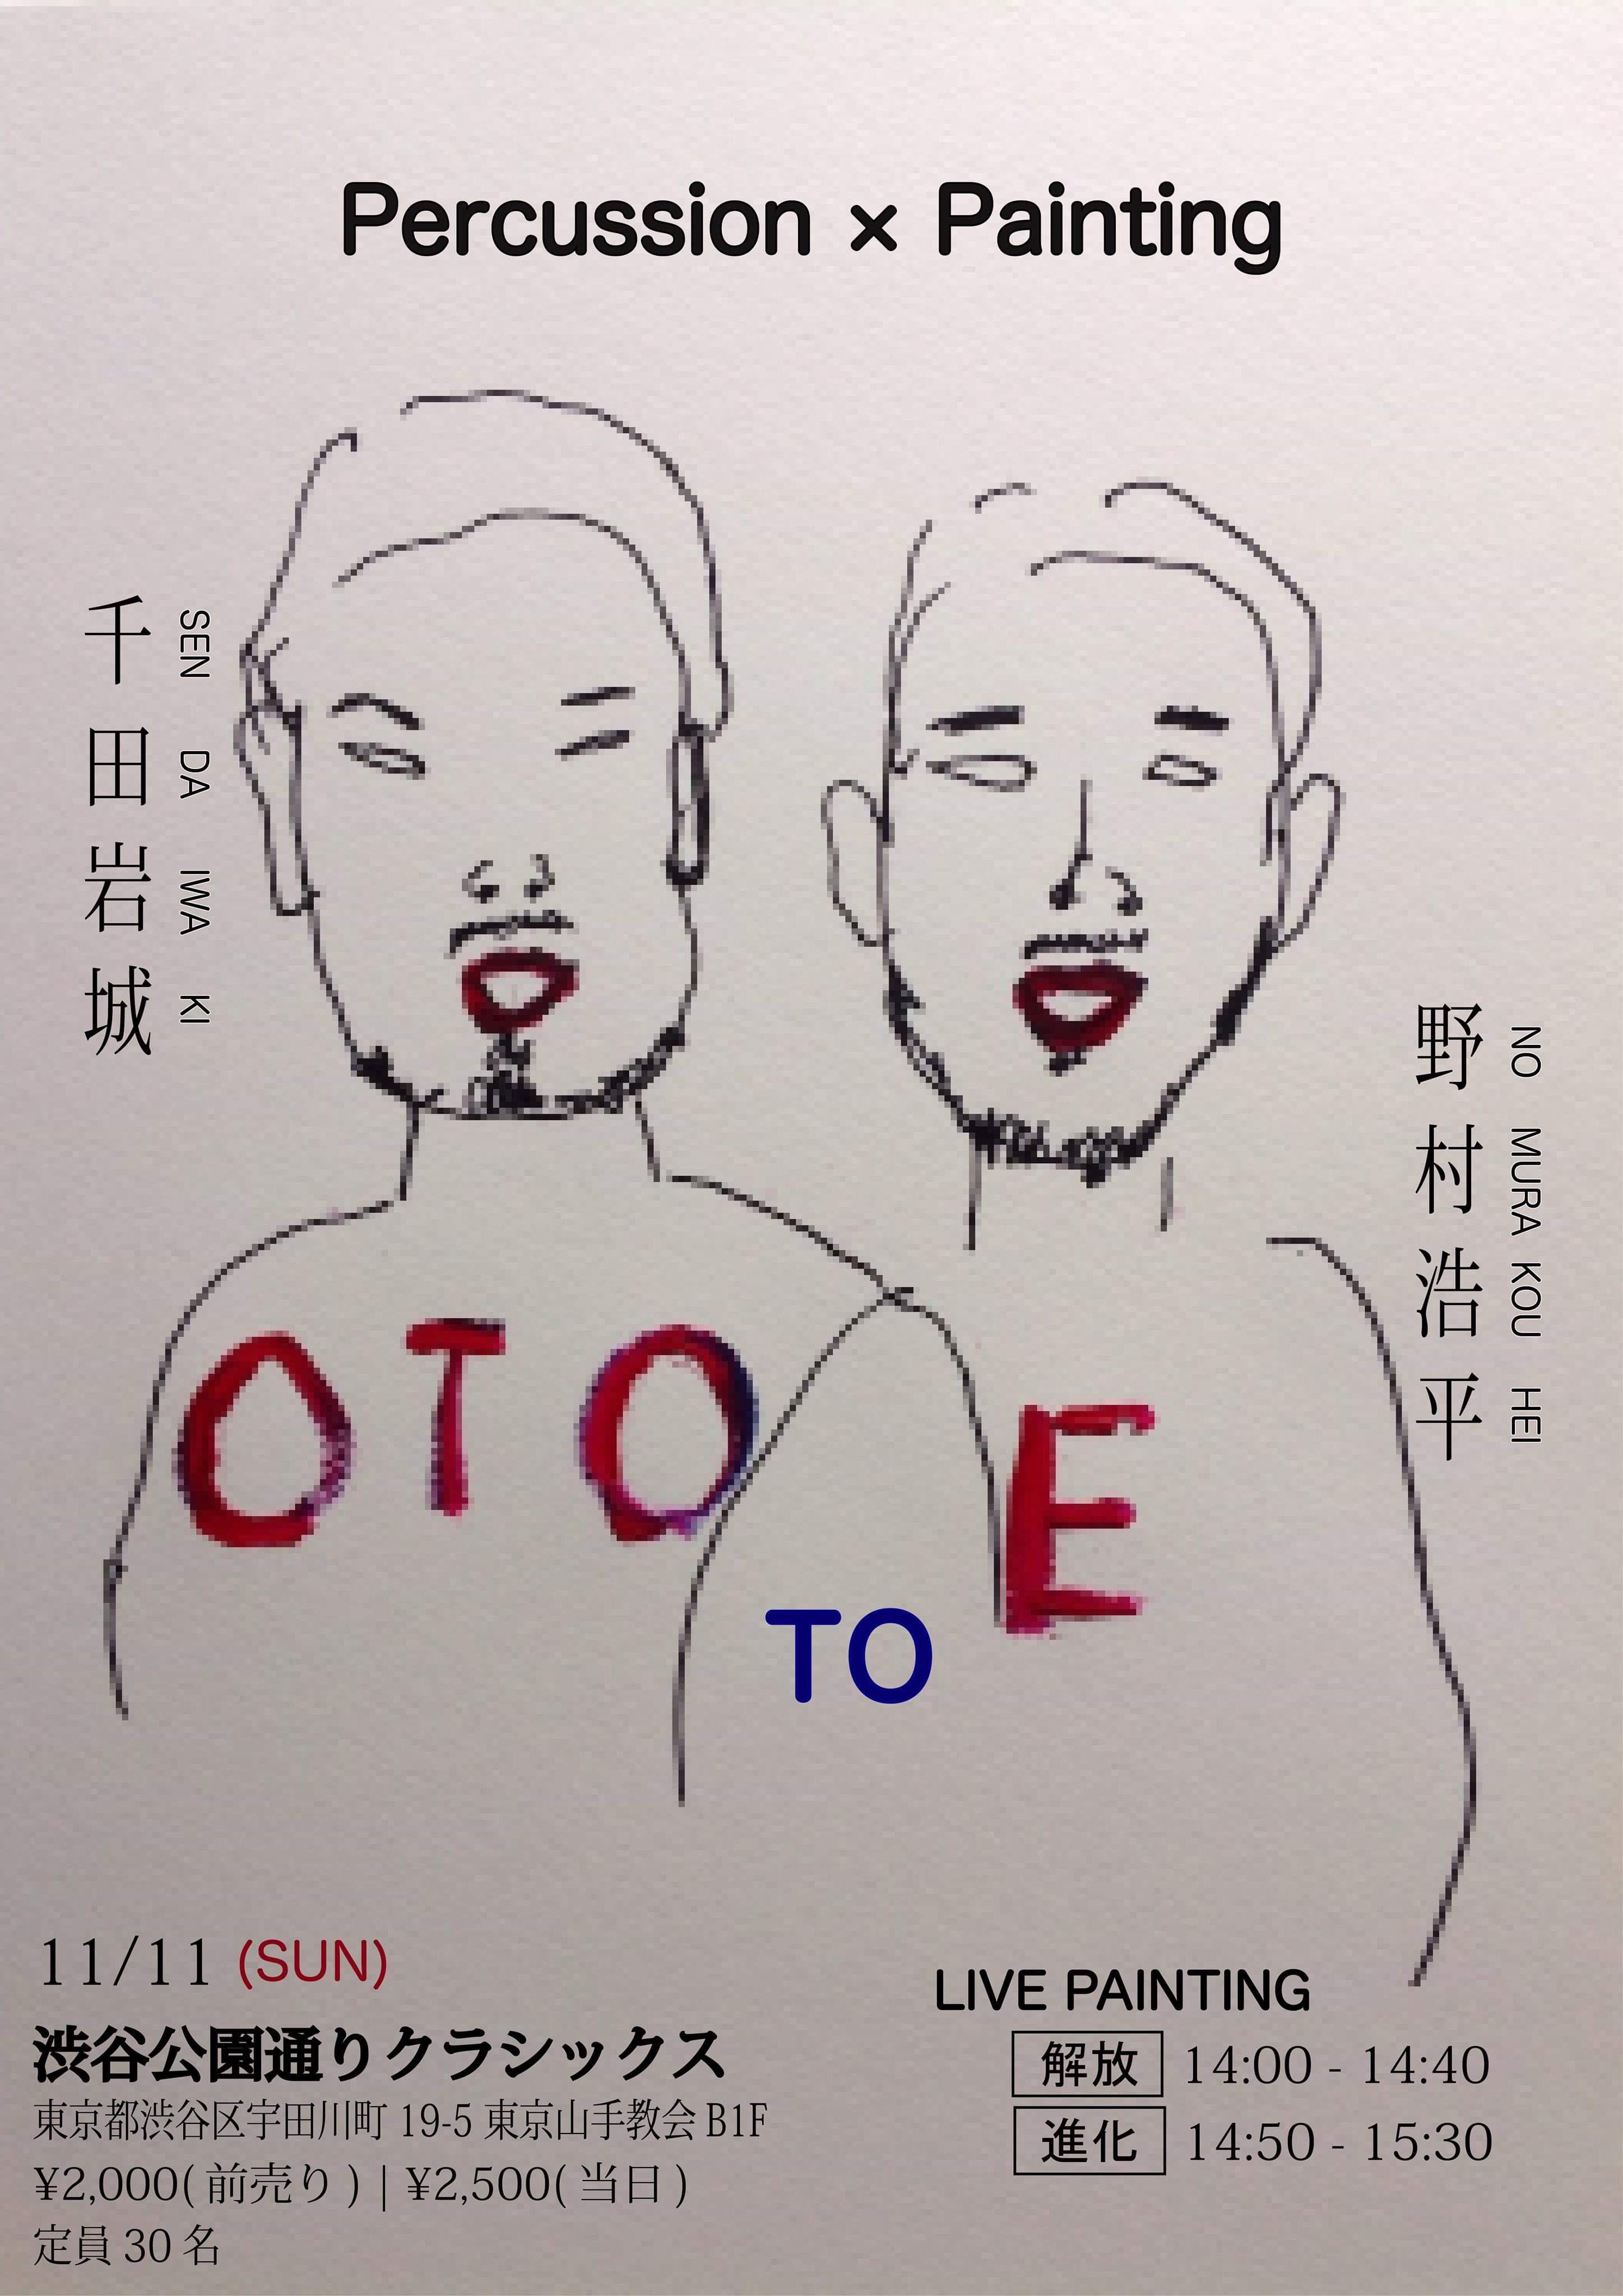 「OTO TO E」